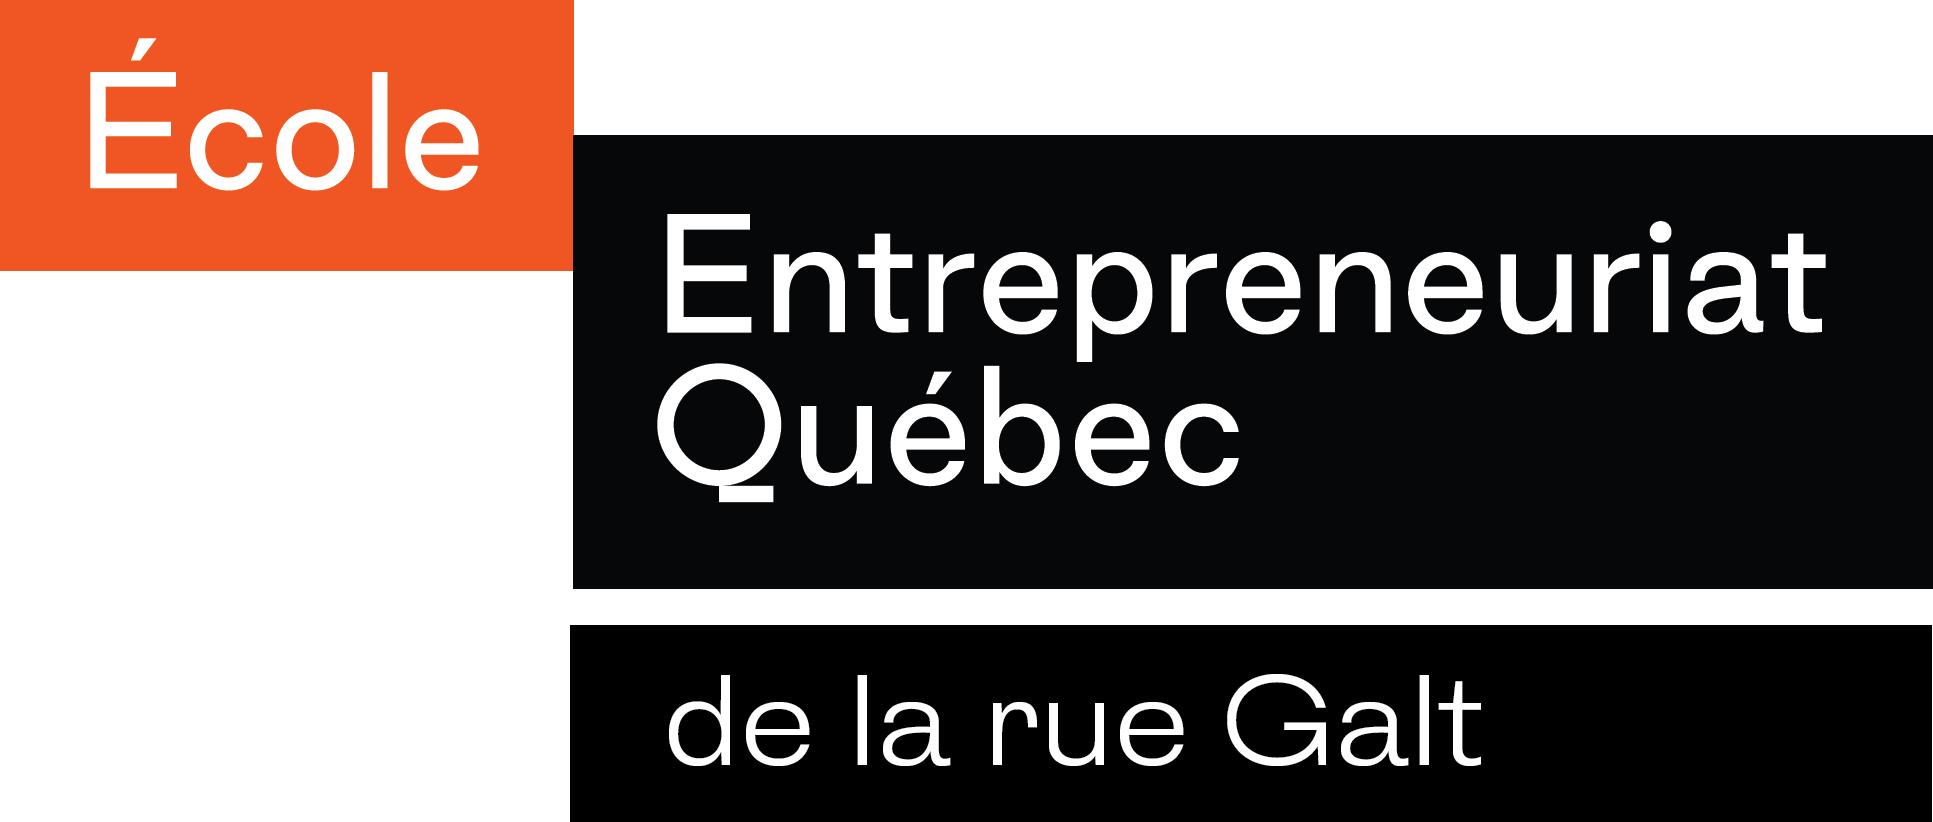 Logos ÉEQ de la rue Galt.jpg